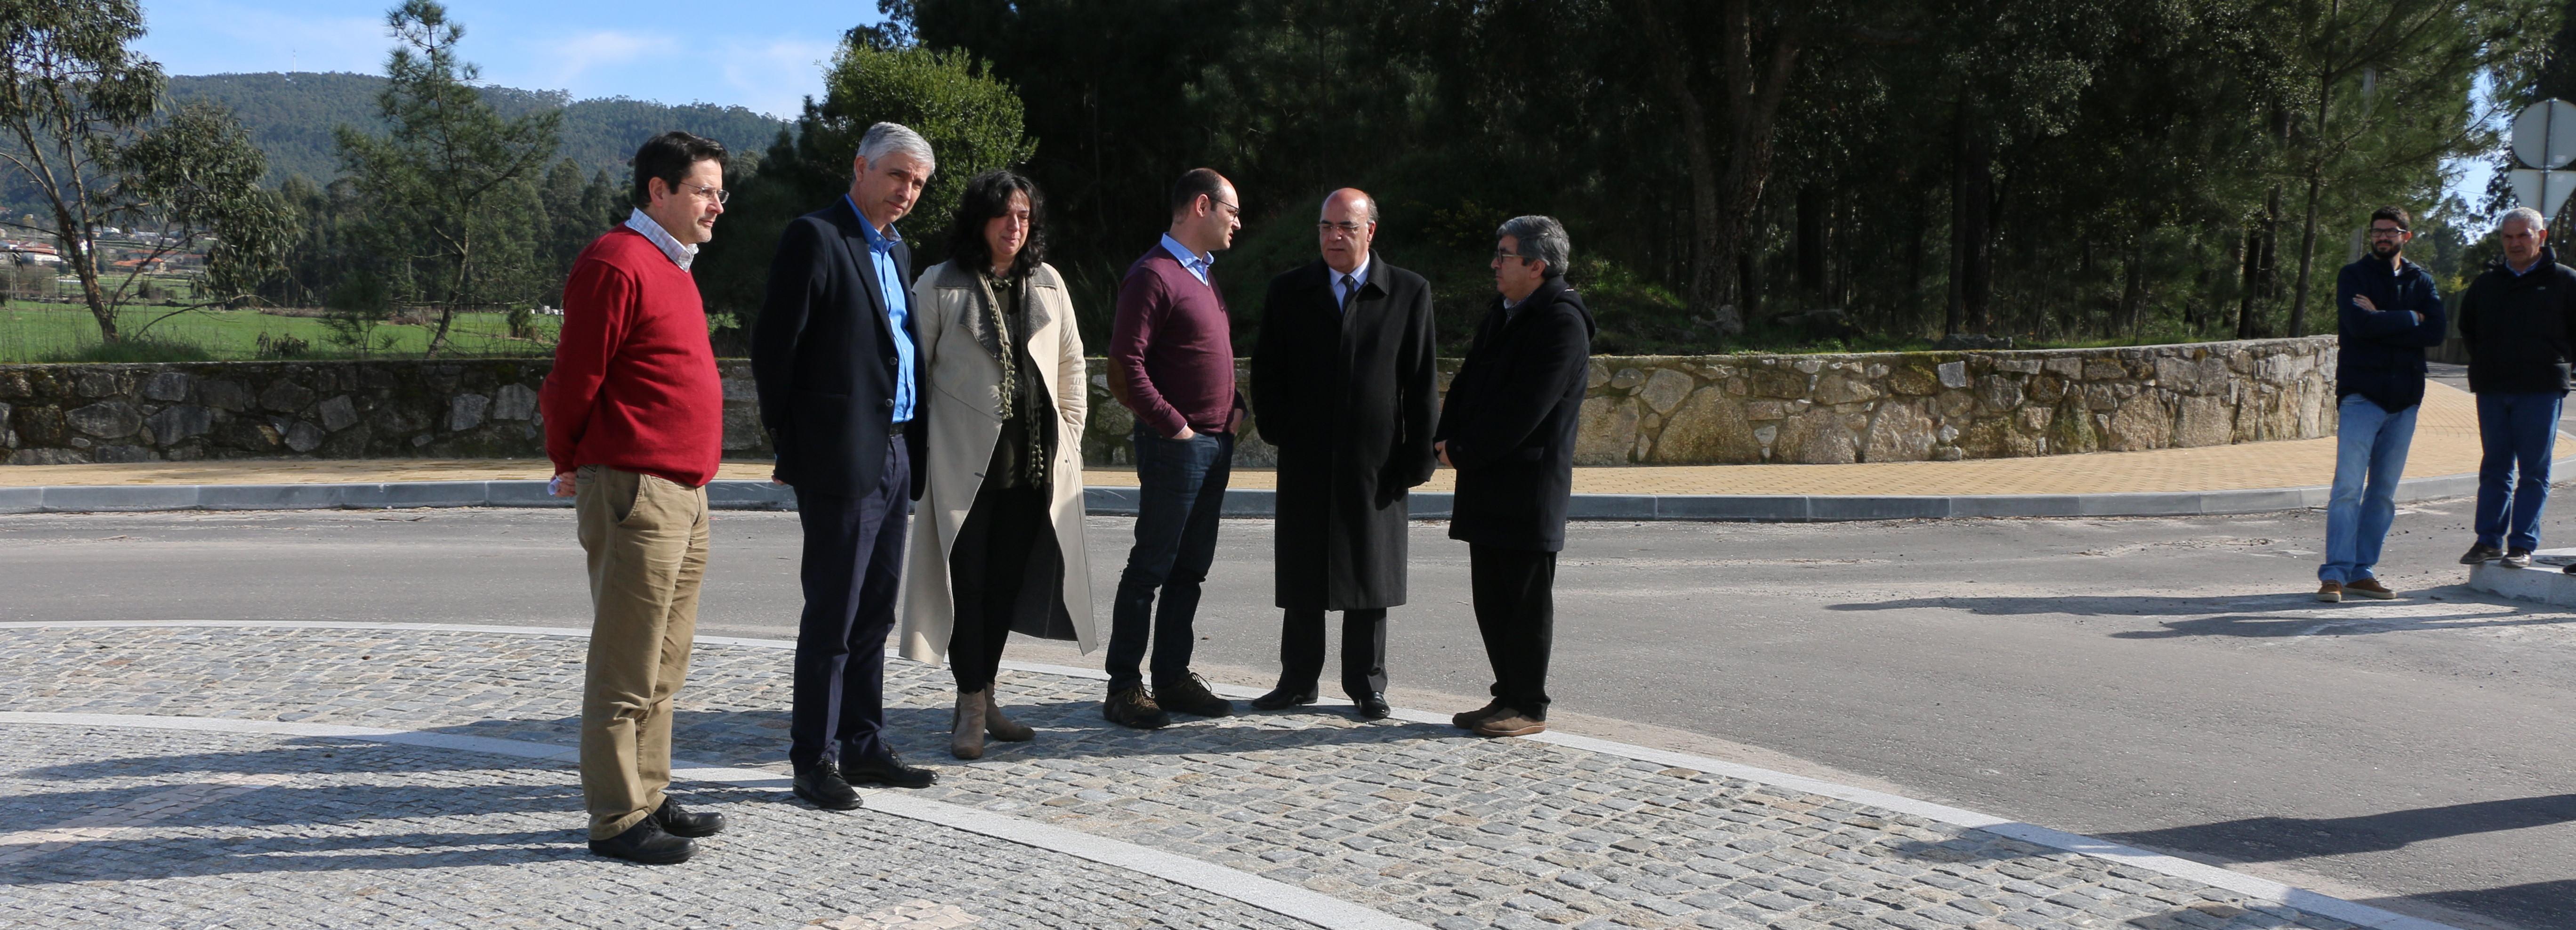 Presidente da Câmara visitou obra do Caminho Municipal 1115 entre Milhazes e Faria